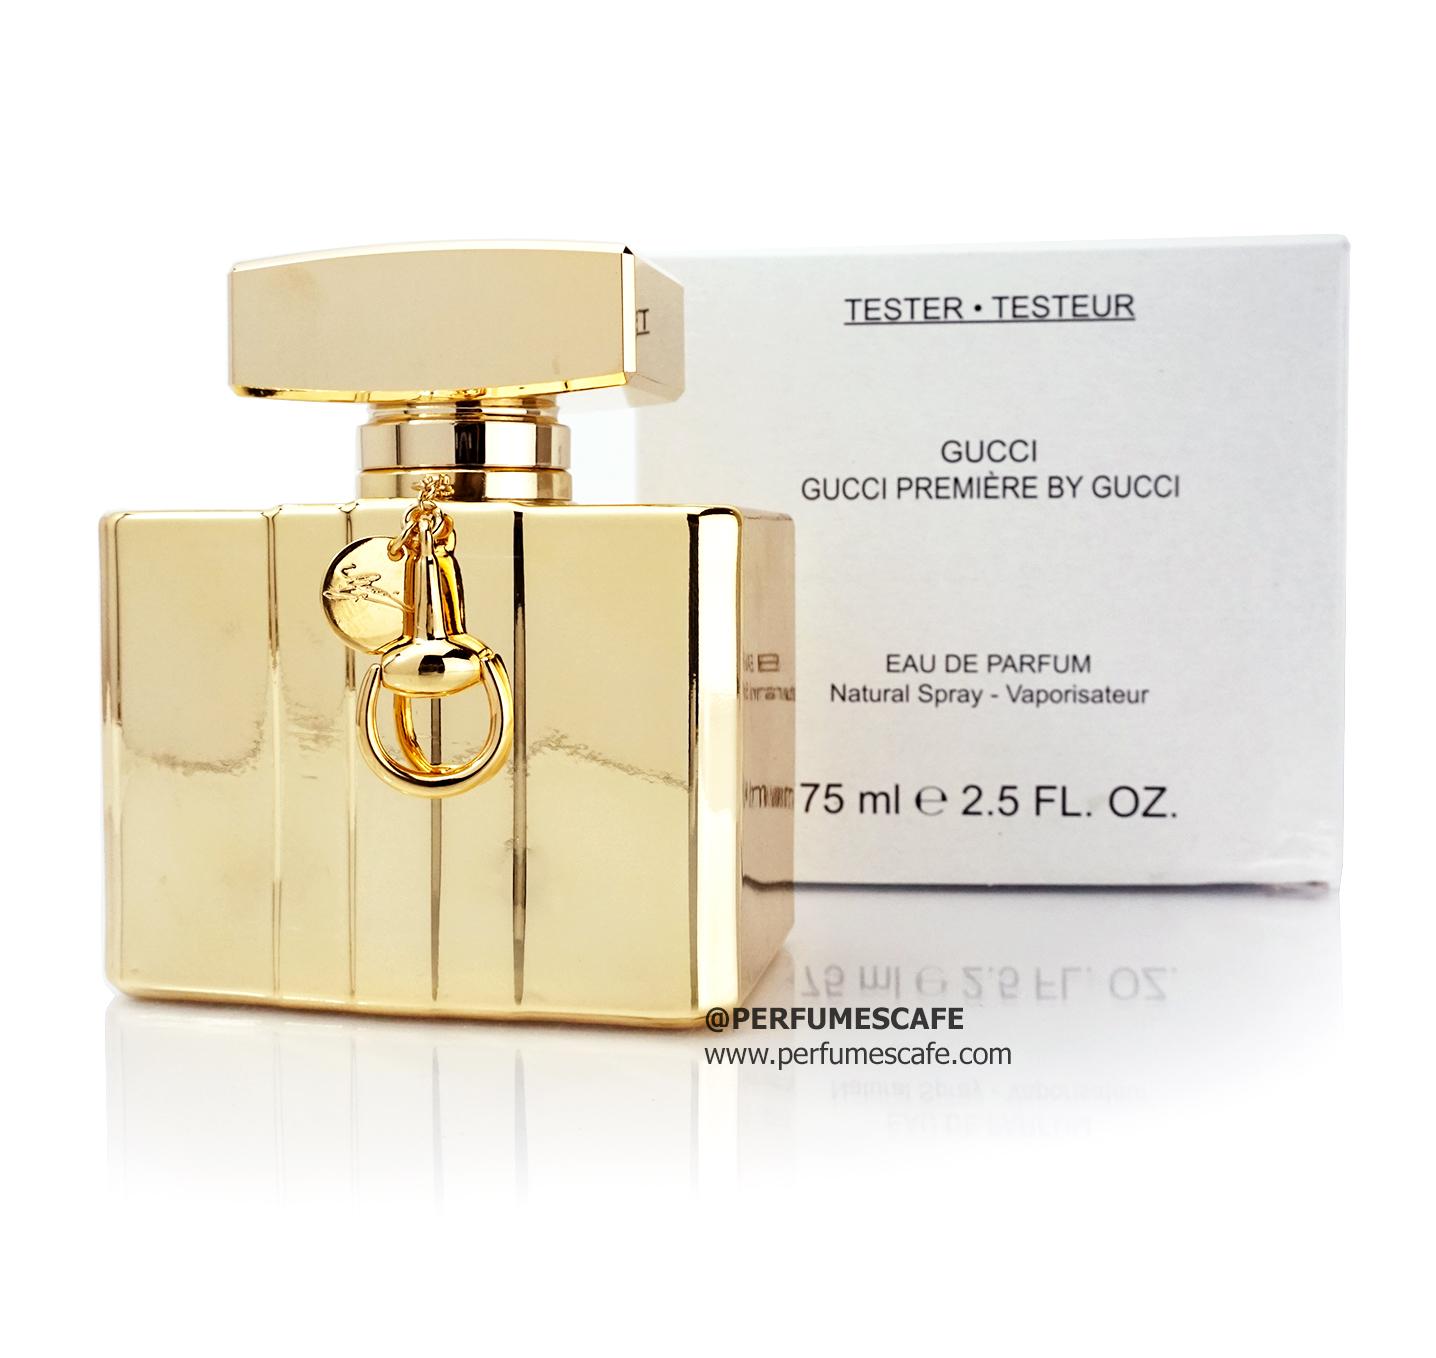 น้ำหอม Gucci Première Eau de Parfum ขนาด 75ml กล่องเทสเตอร์